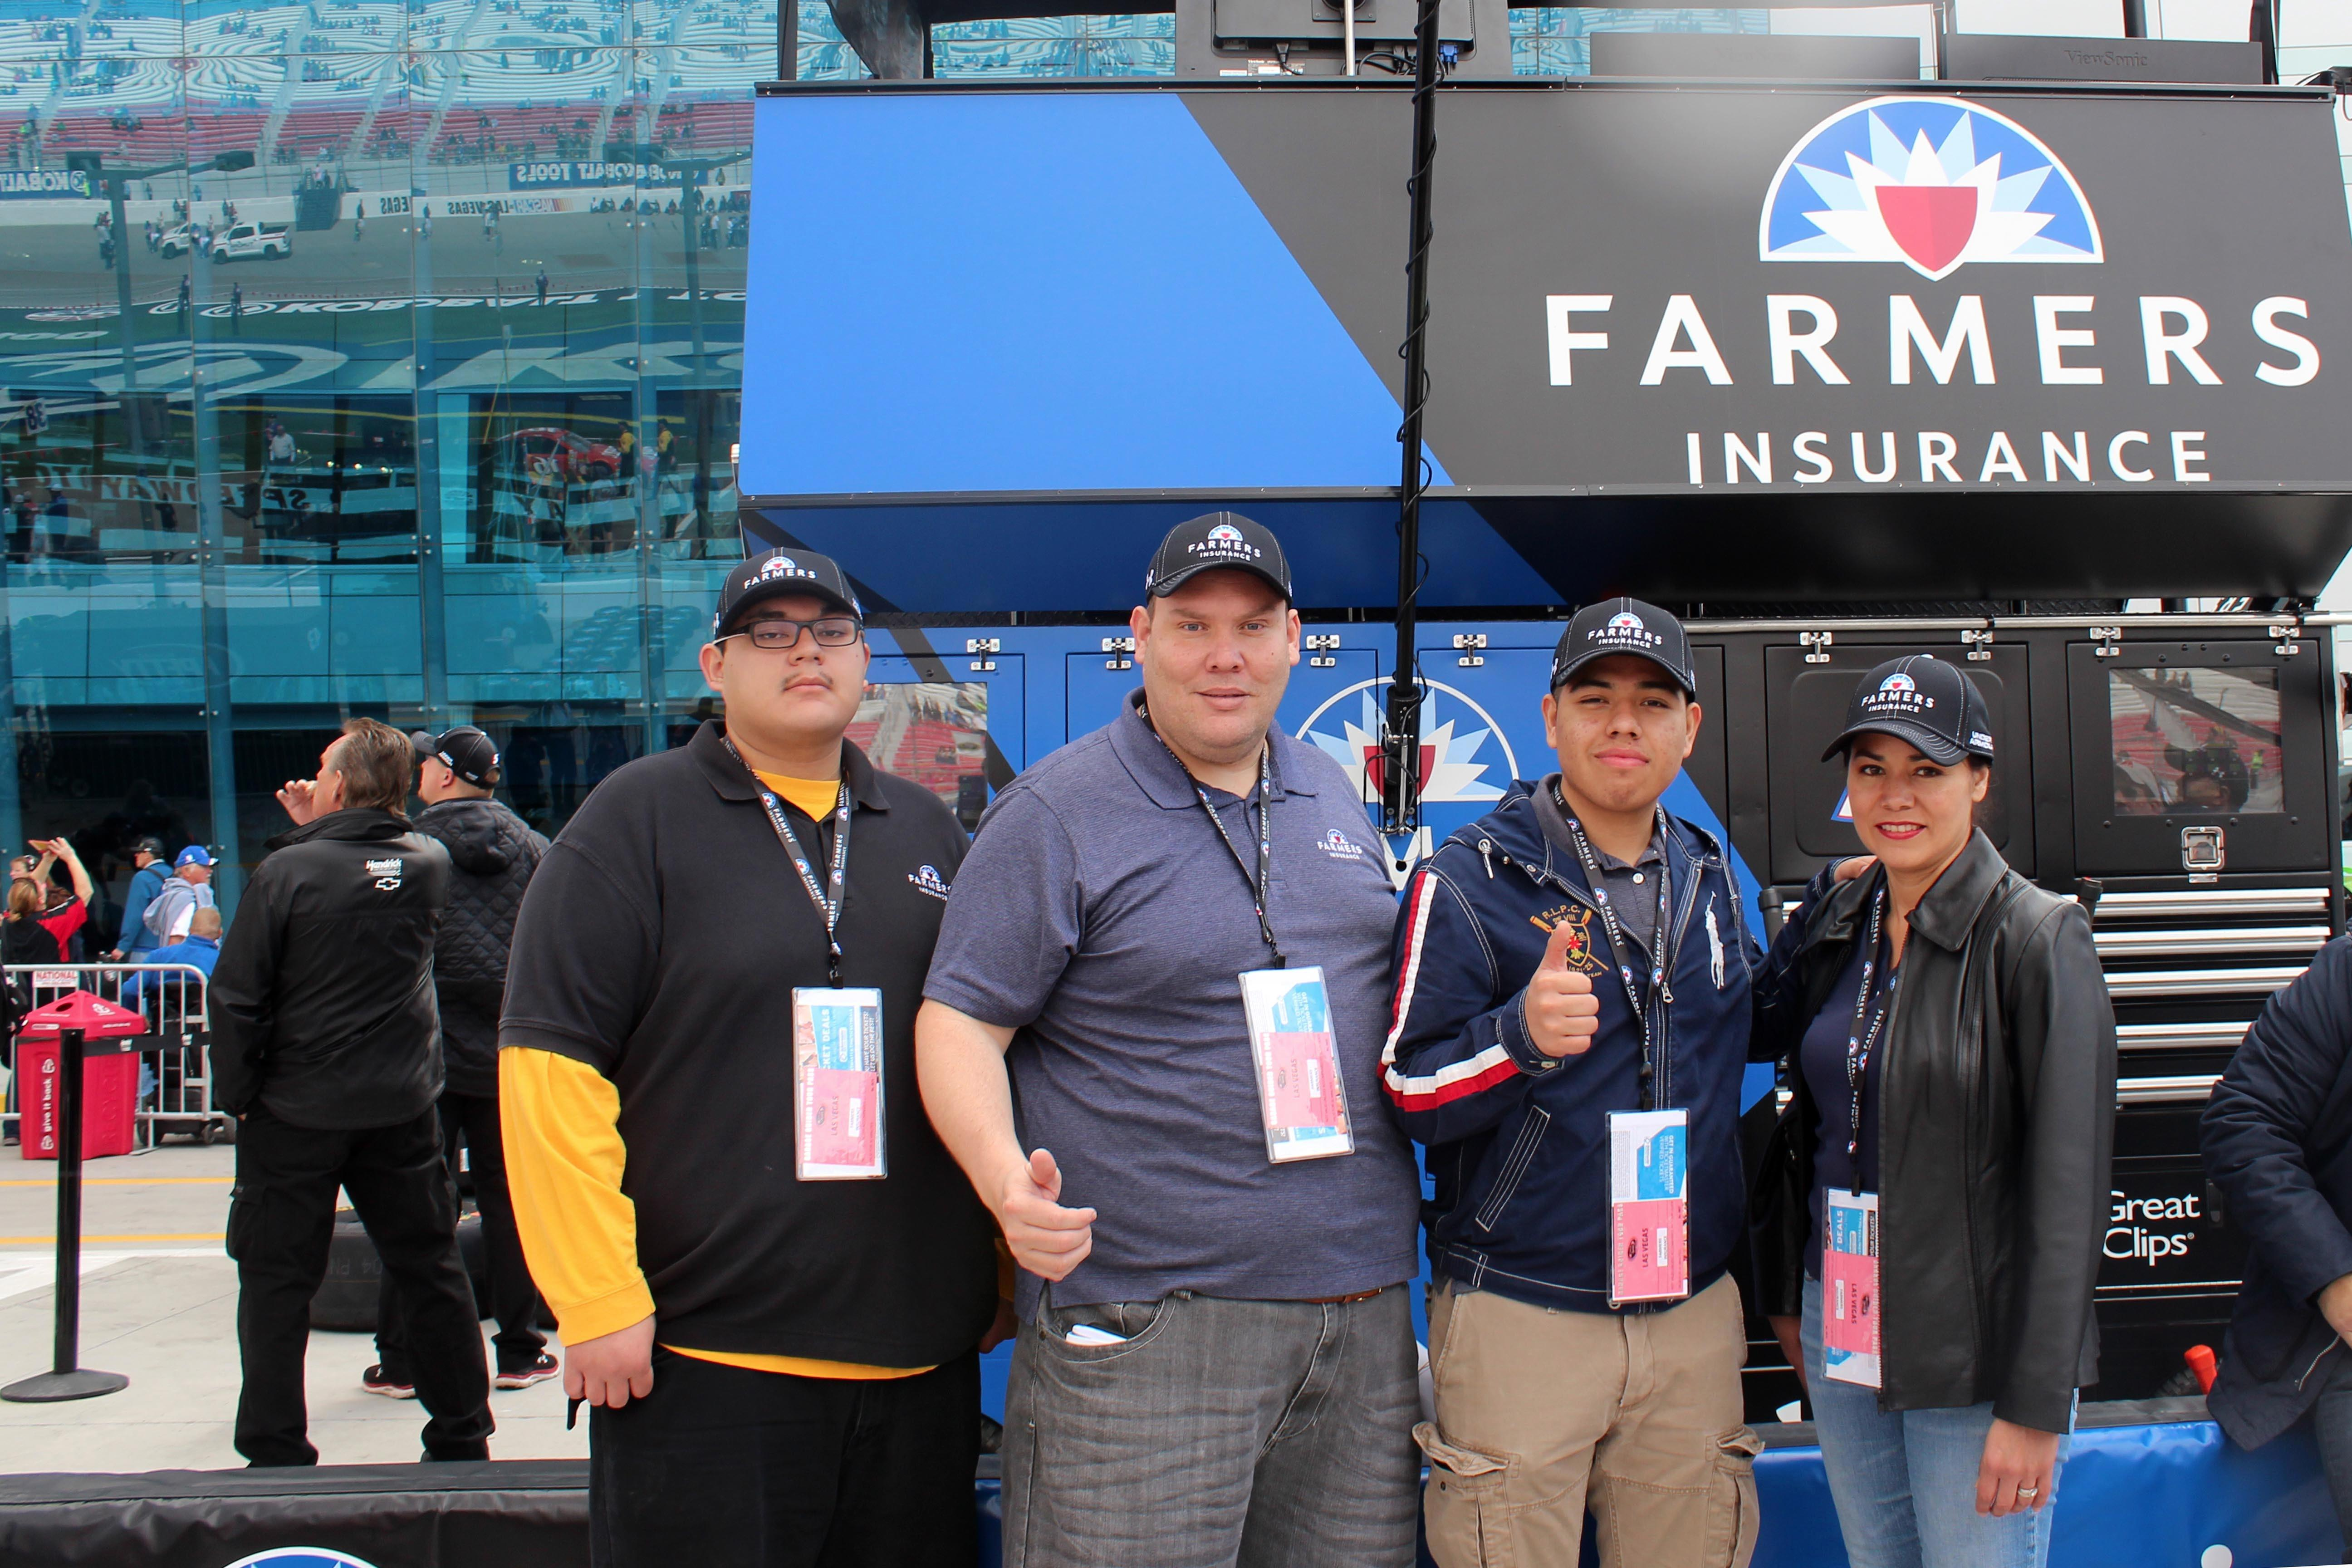 Farmers Insurance - Eliam Marcos Marrero Bernal image 1